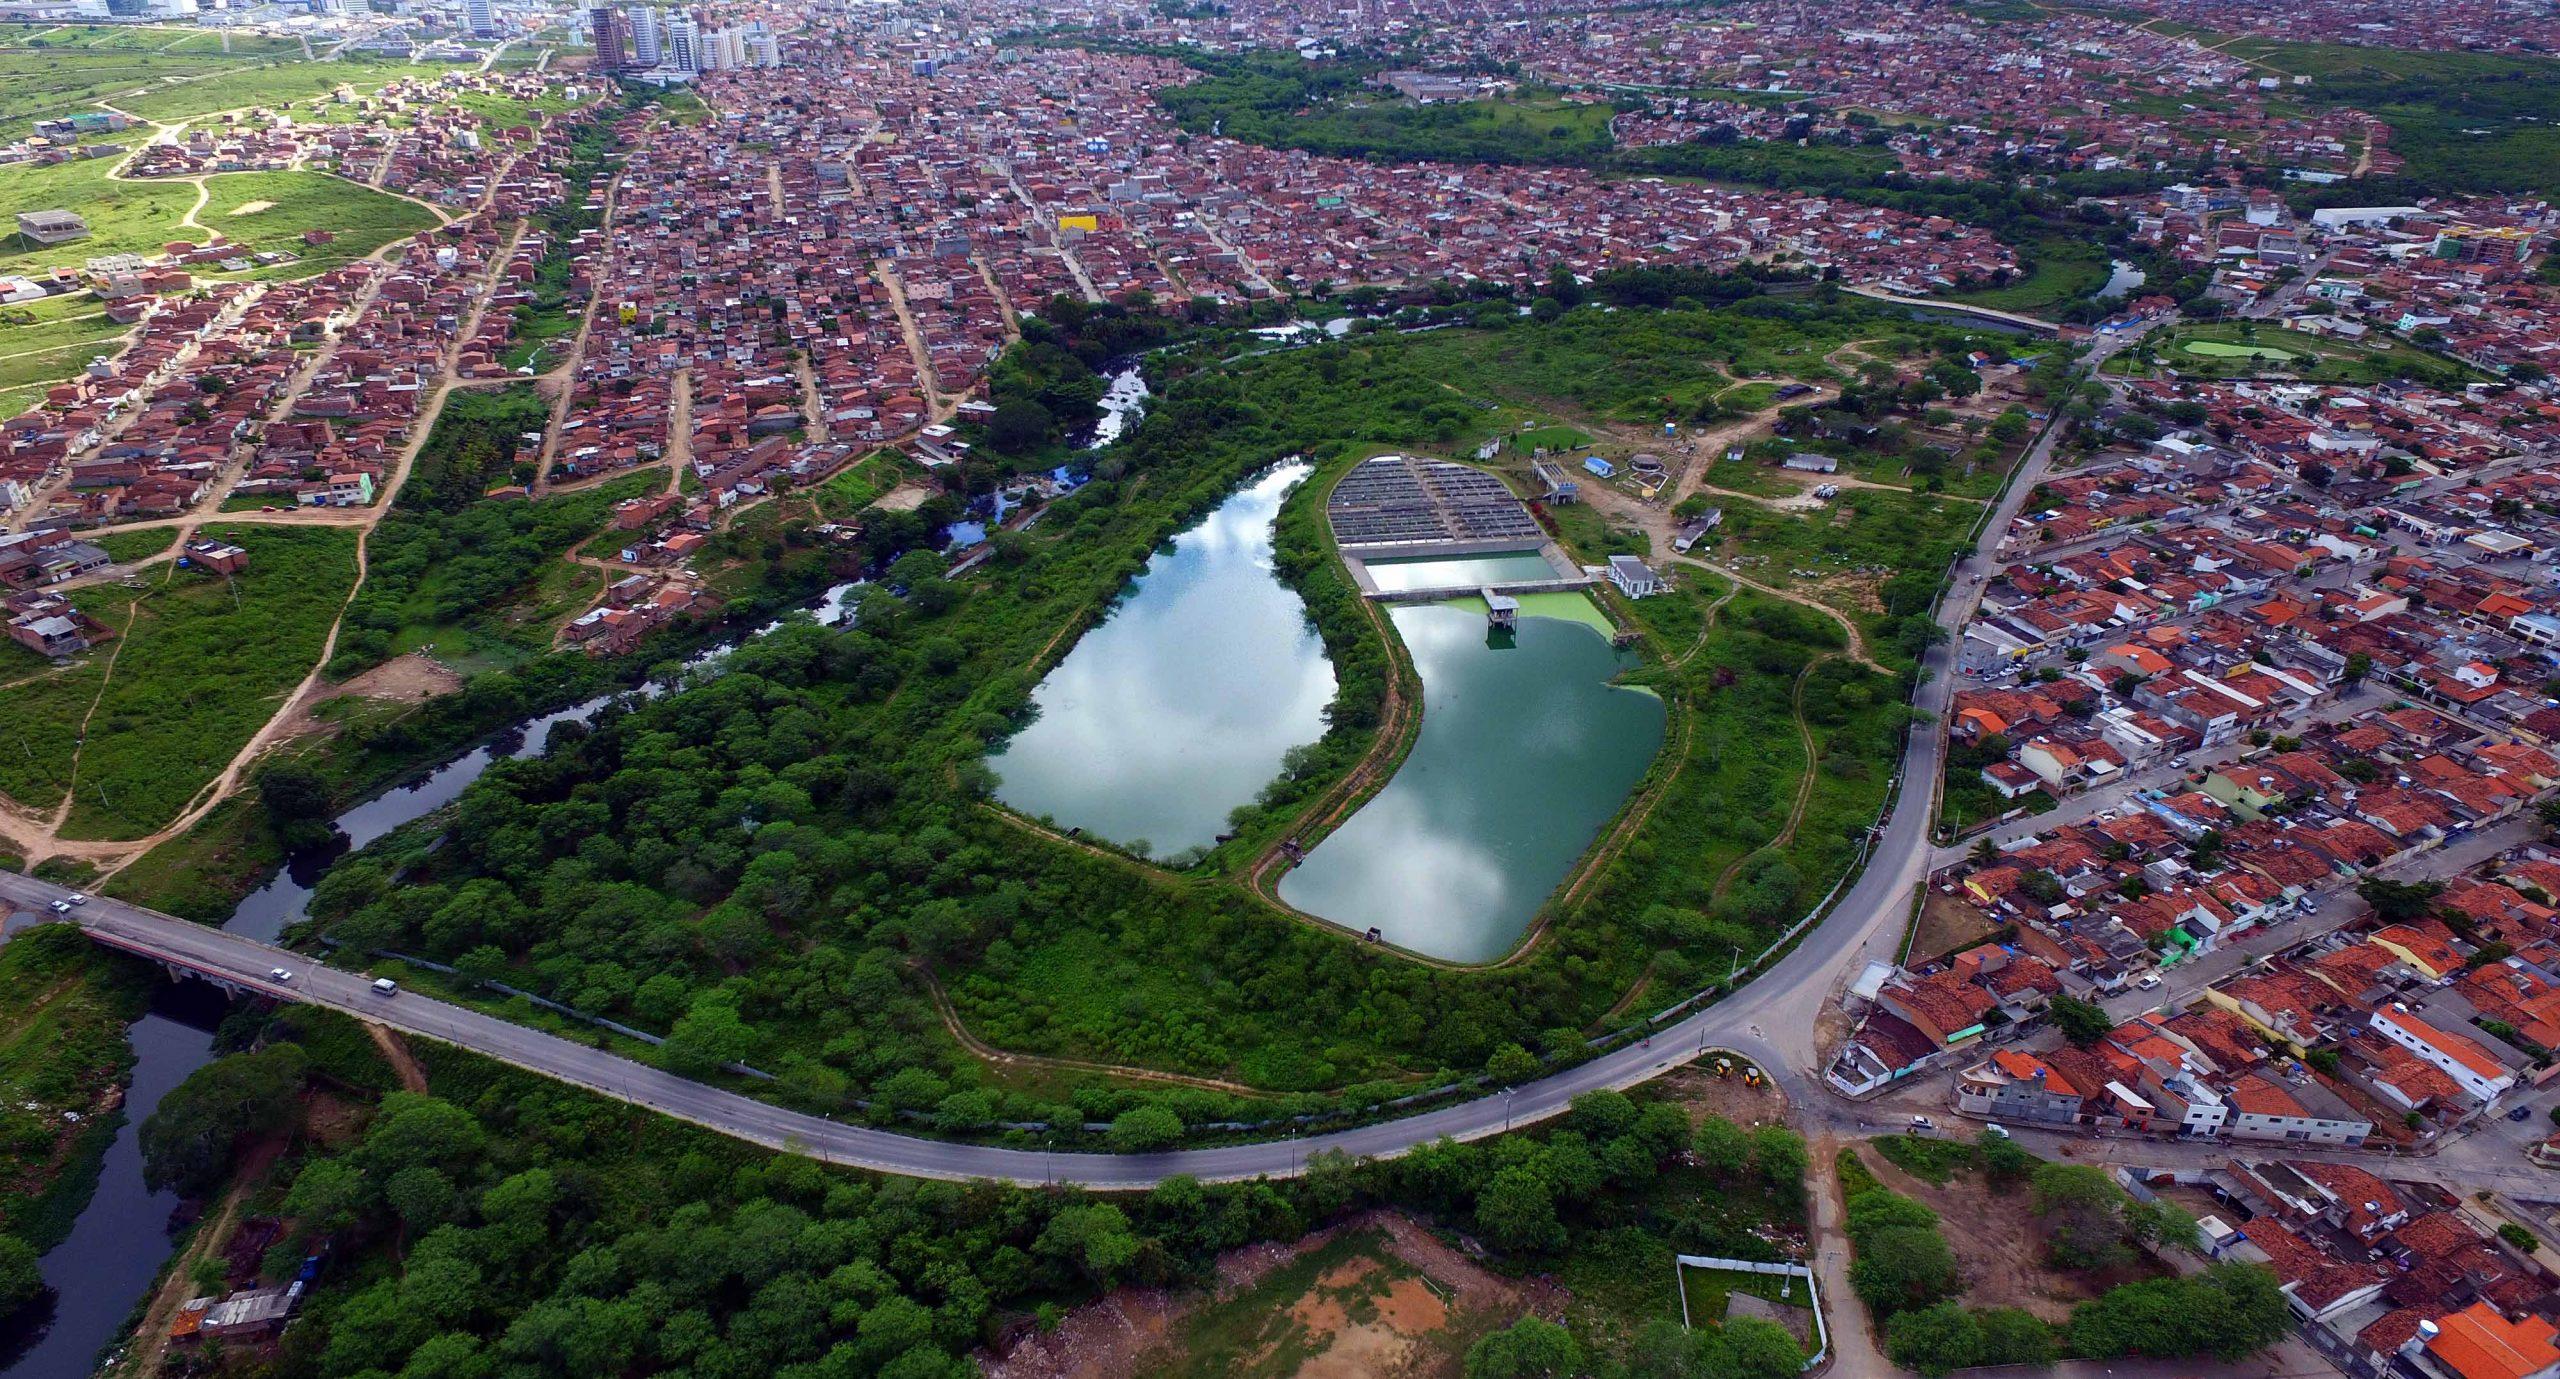 Estação de tratamento de esgoto em Caruaru. Vista aérea da cidade.